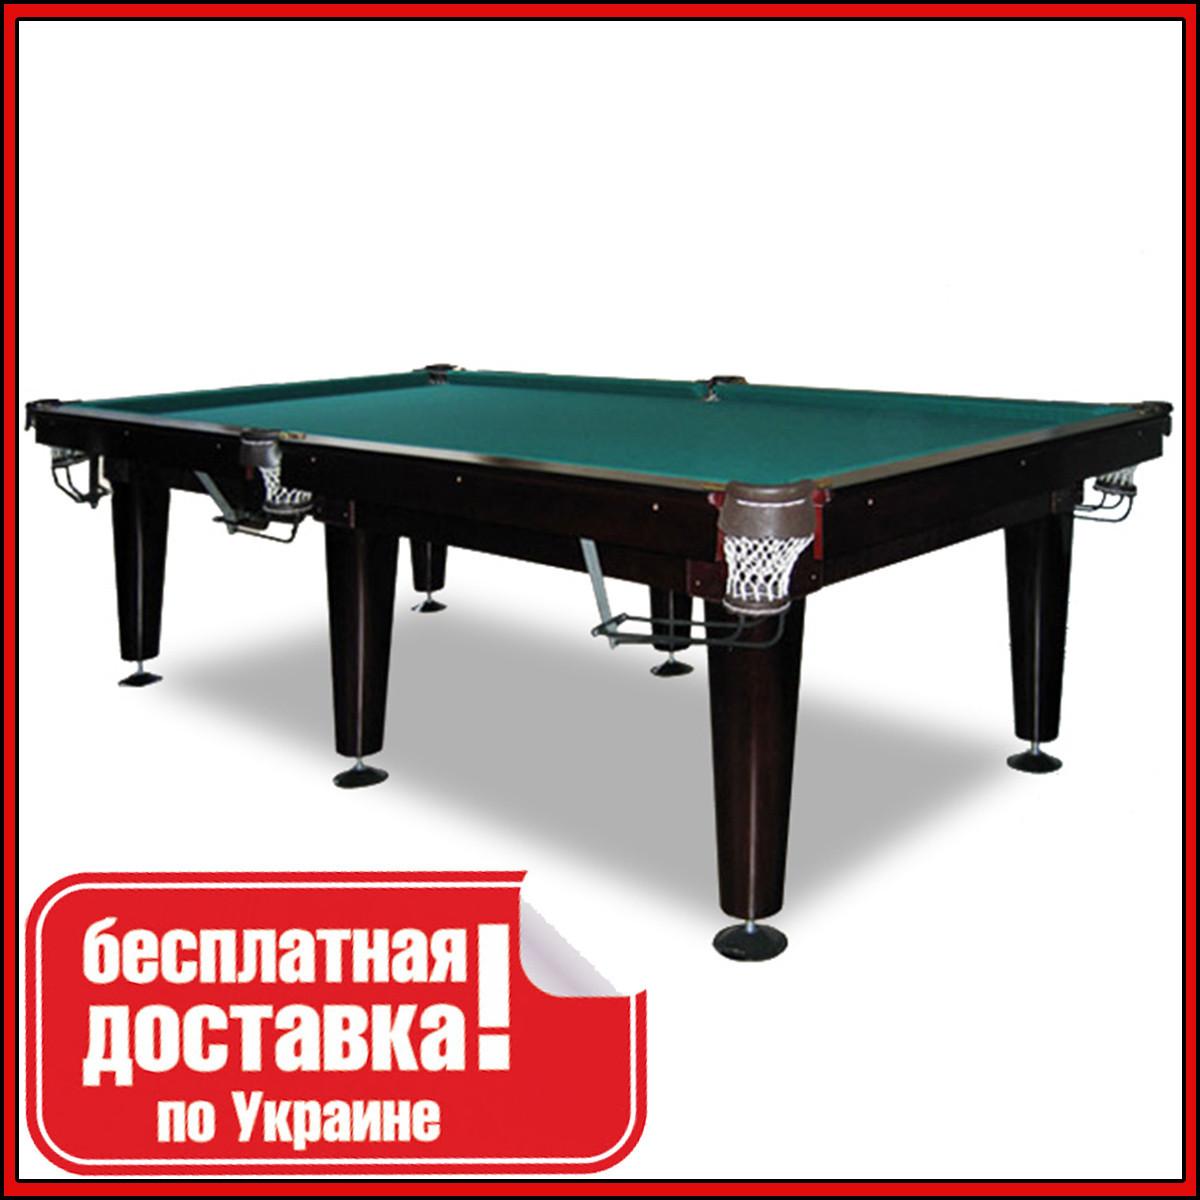 Більярдний стіл для пулу КЛАСИК 10 футів ЛДСП 2.8 м х 1.4 м з натурального дерева